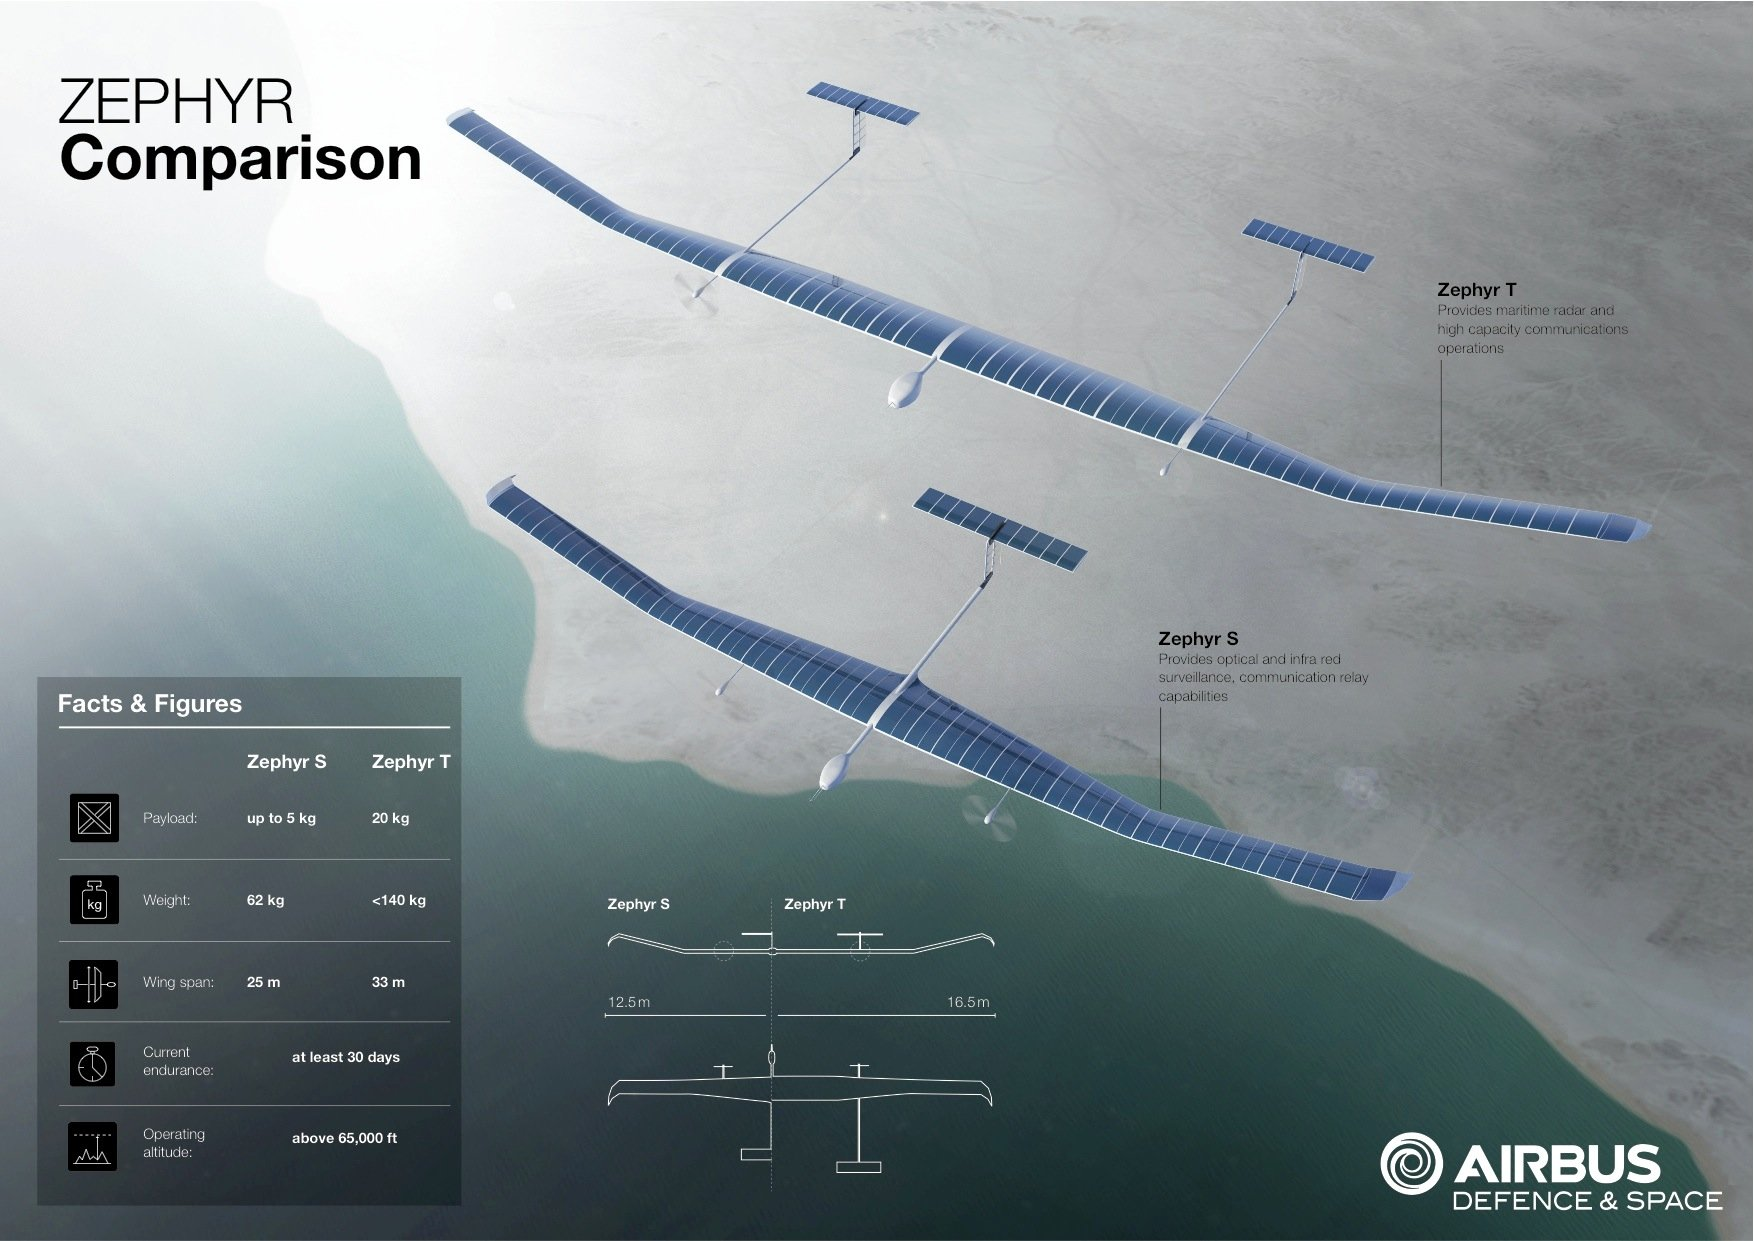 Die Drohne Zephyr S hat eine Spannweite von 25 m. In der Entwicklung ist die noch größere Drohne Zephyr T mit zwei Rümpfen und einer Spannweite von 33 m. Die Tragflächen sind komplett mit Solarzellen bedeckt.